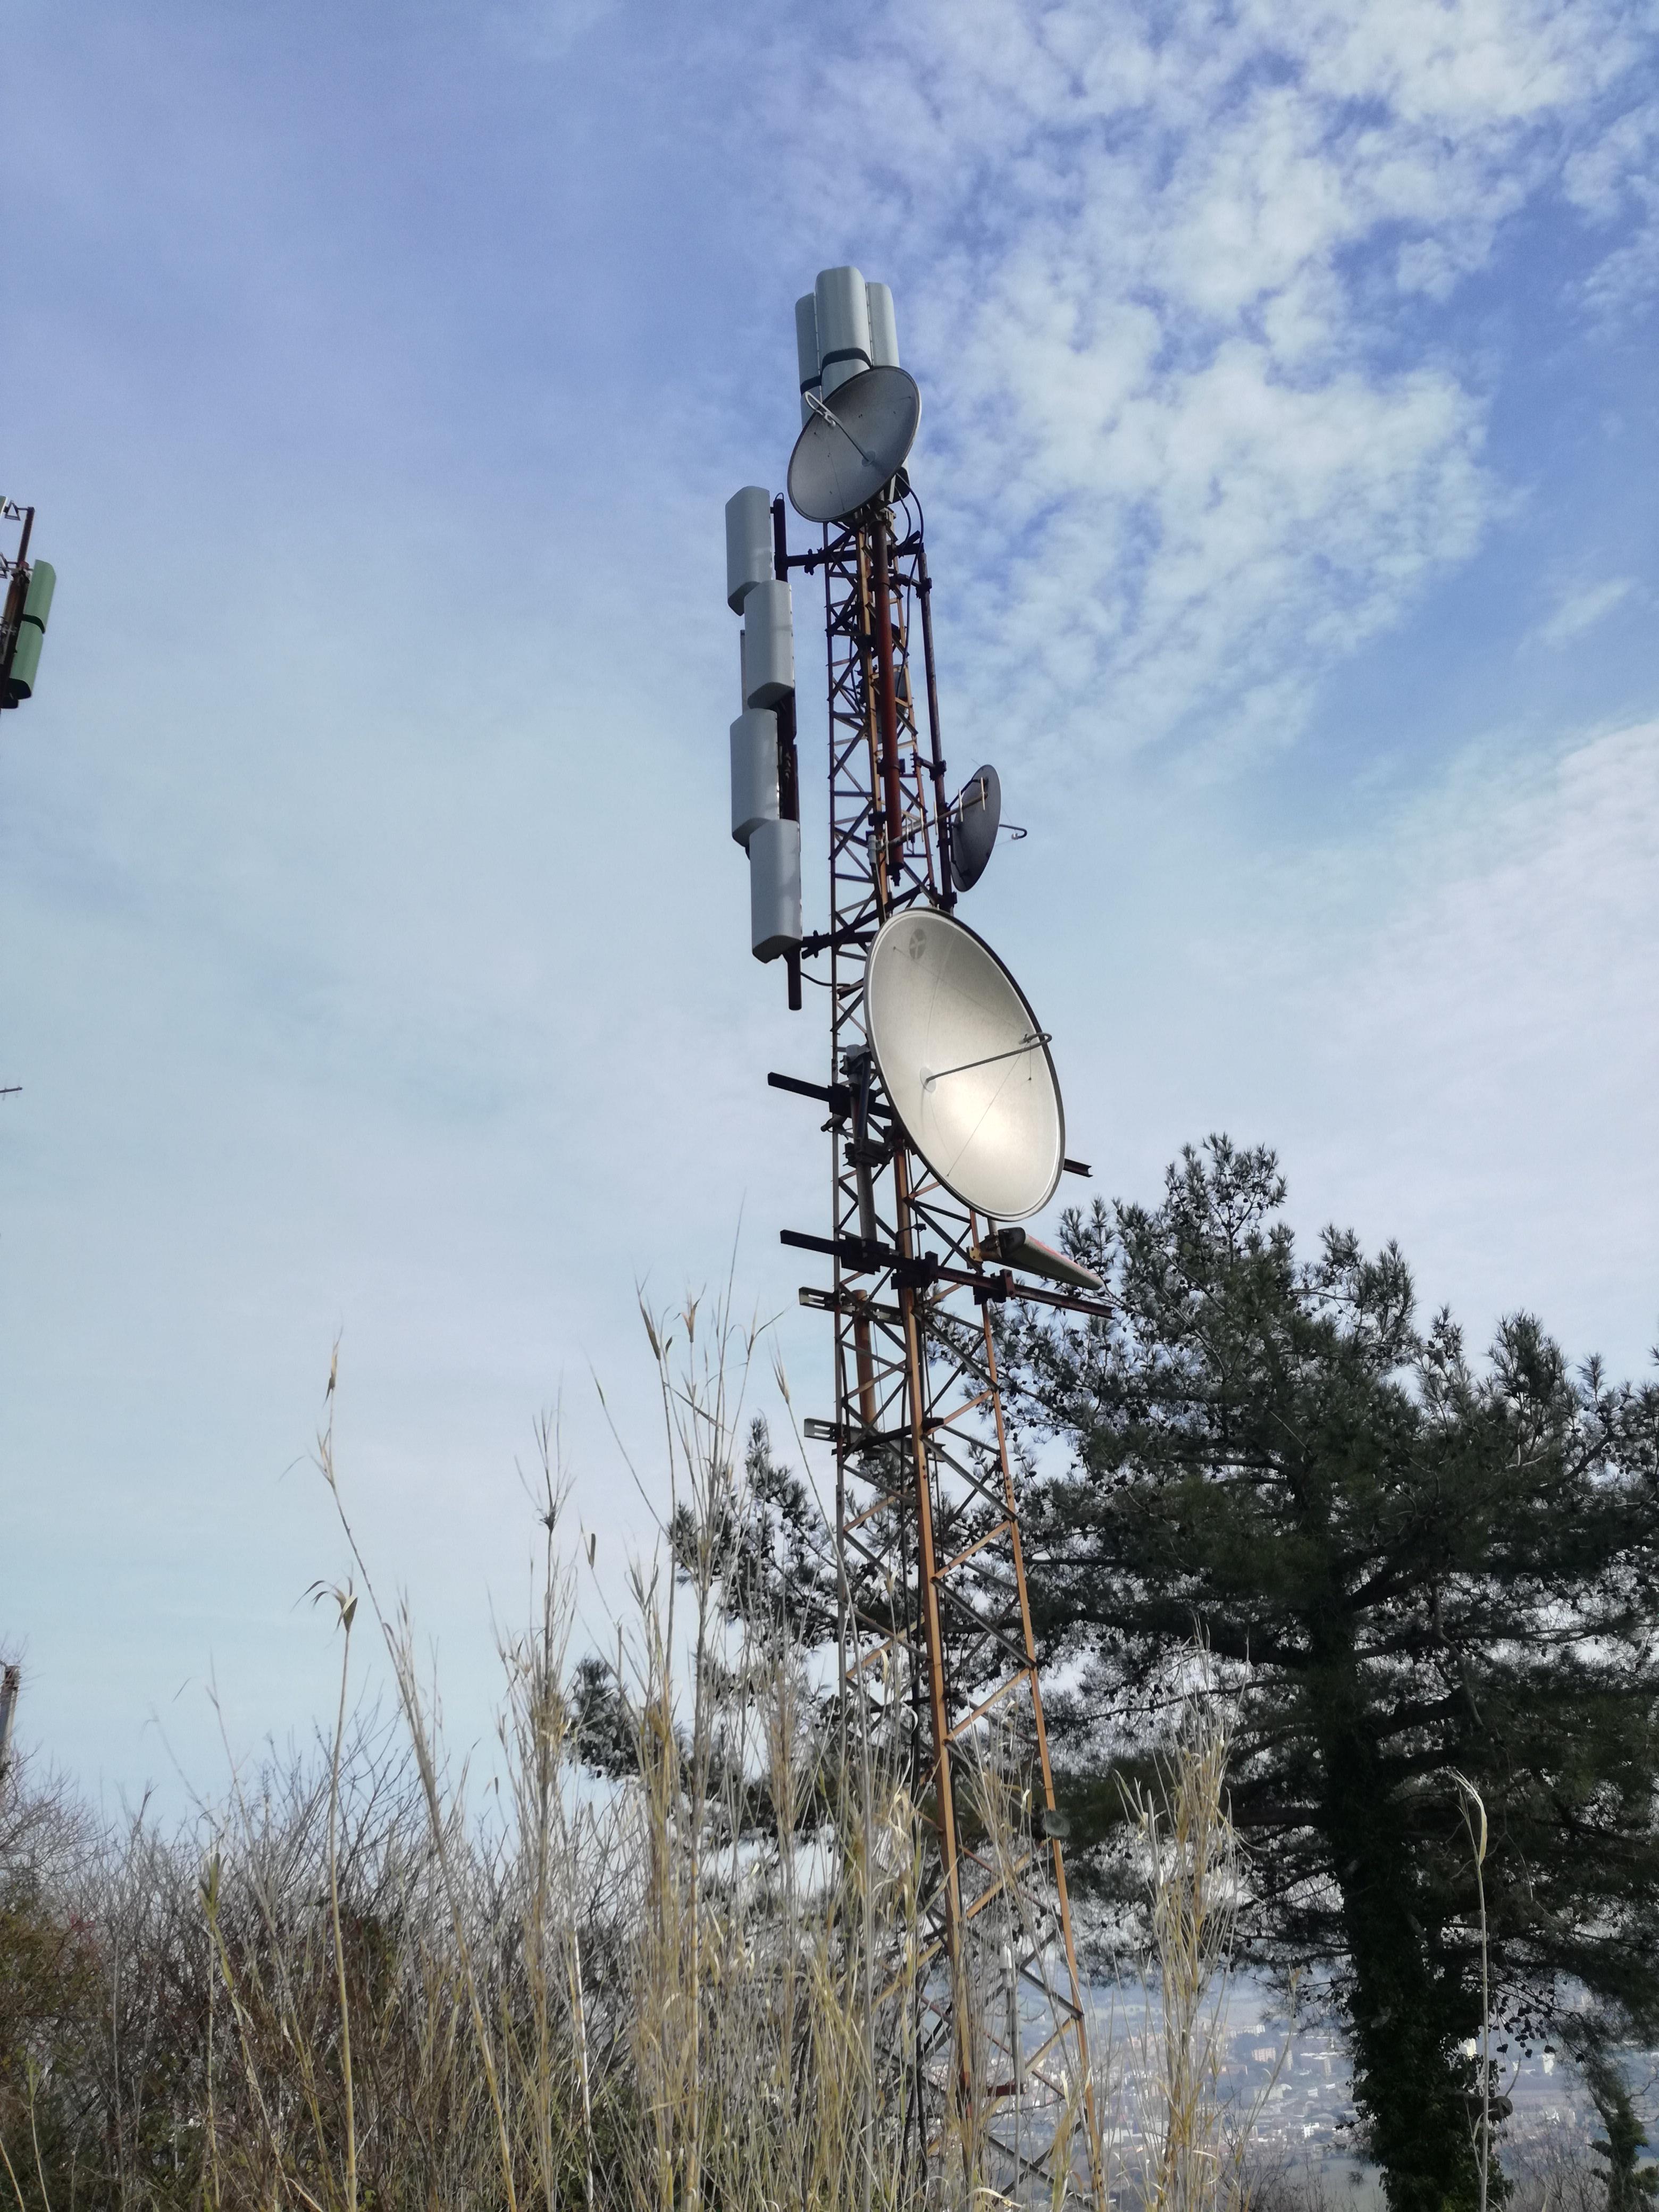 Italie - Antenne émetteur FM / TV (Ancône)